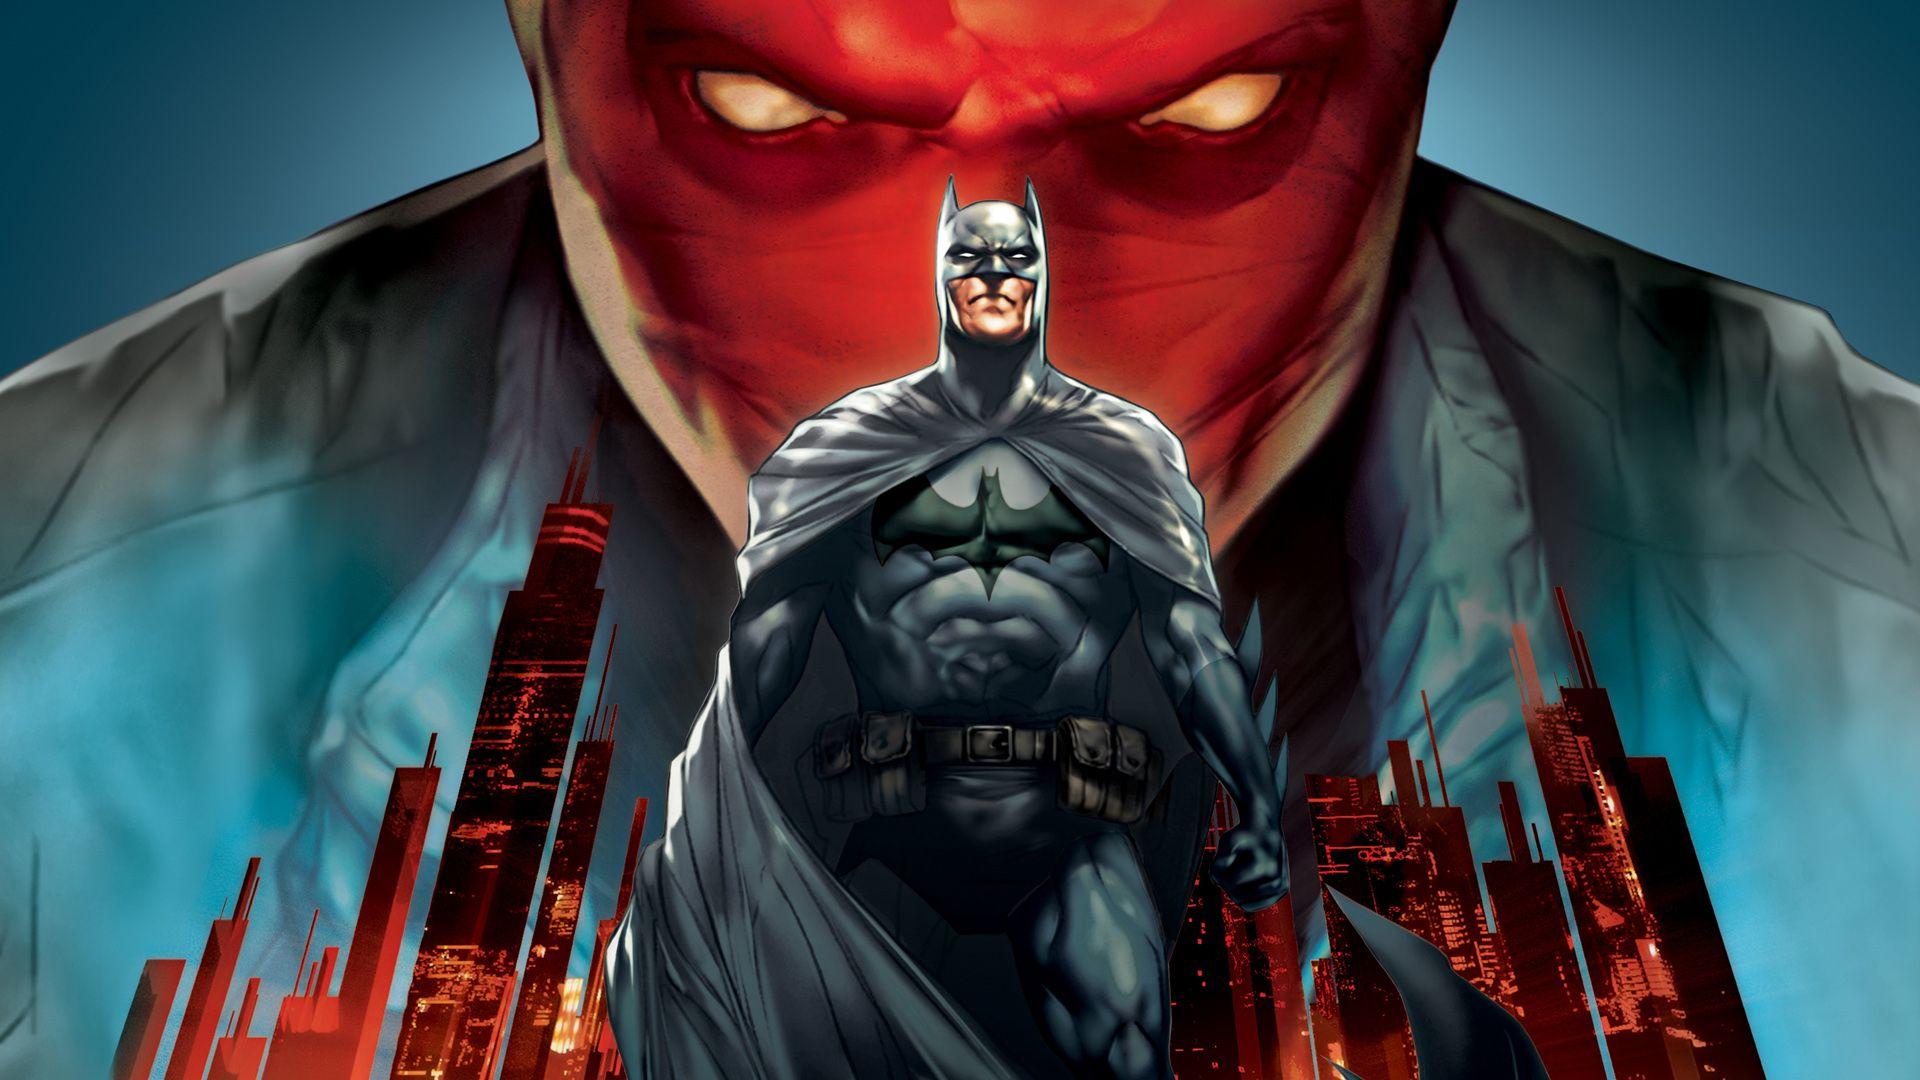 Capucha Roja Batman